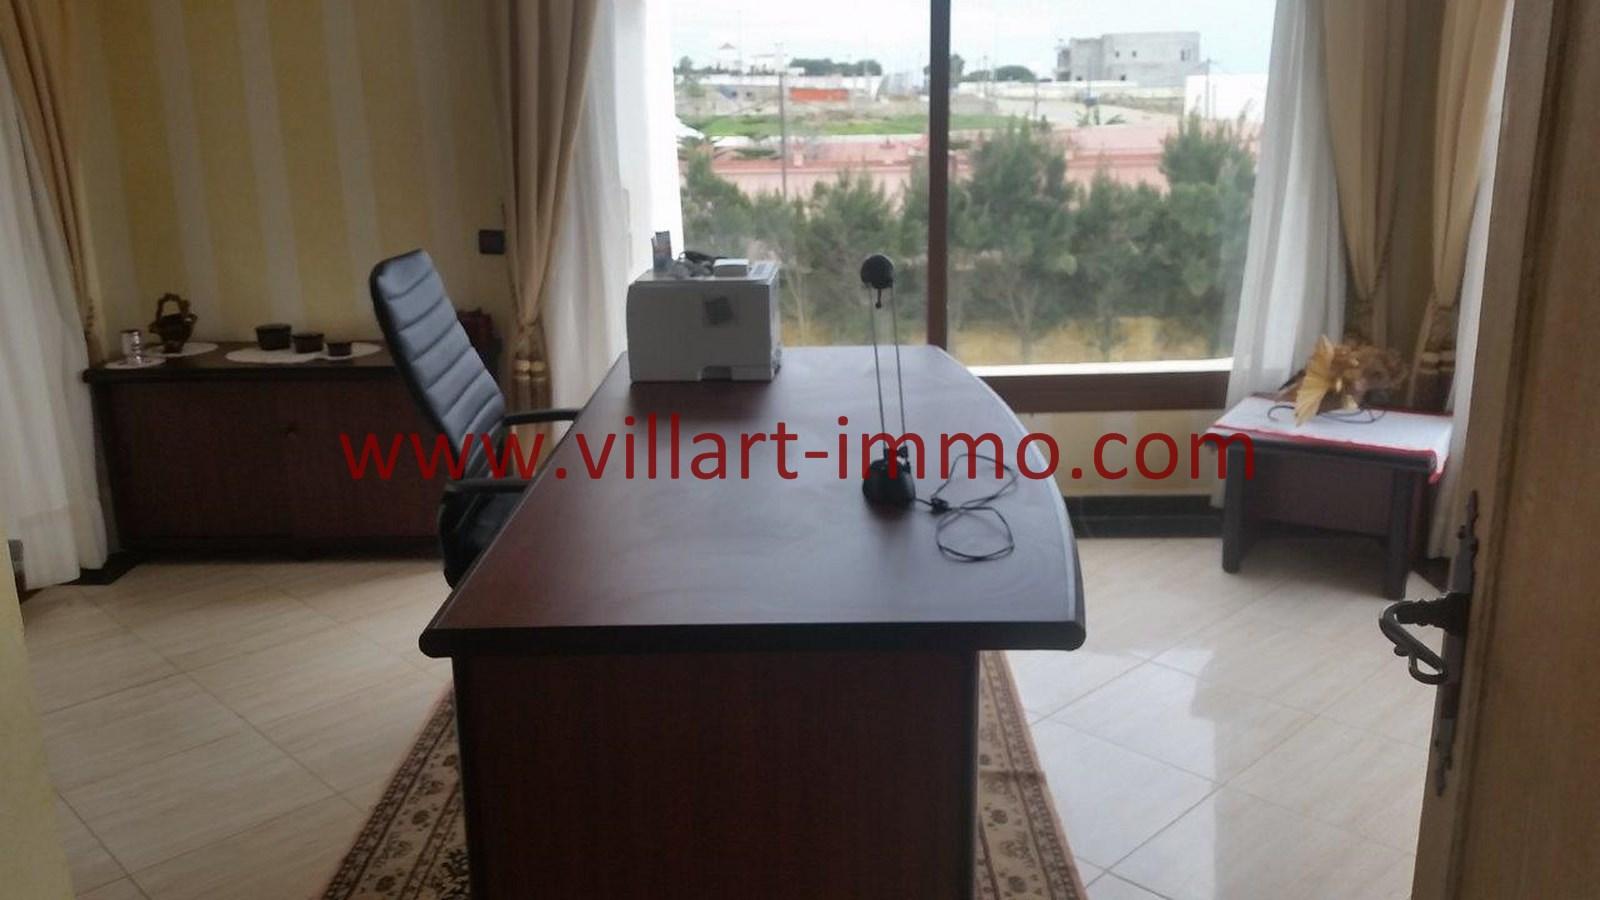 17-a-louer-villa-meublee-tanger-achakar-bureau-lsat914-villart-immo